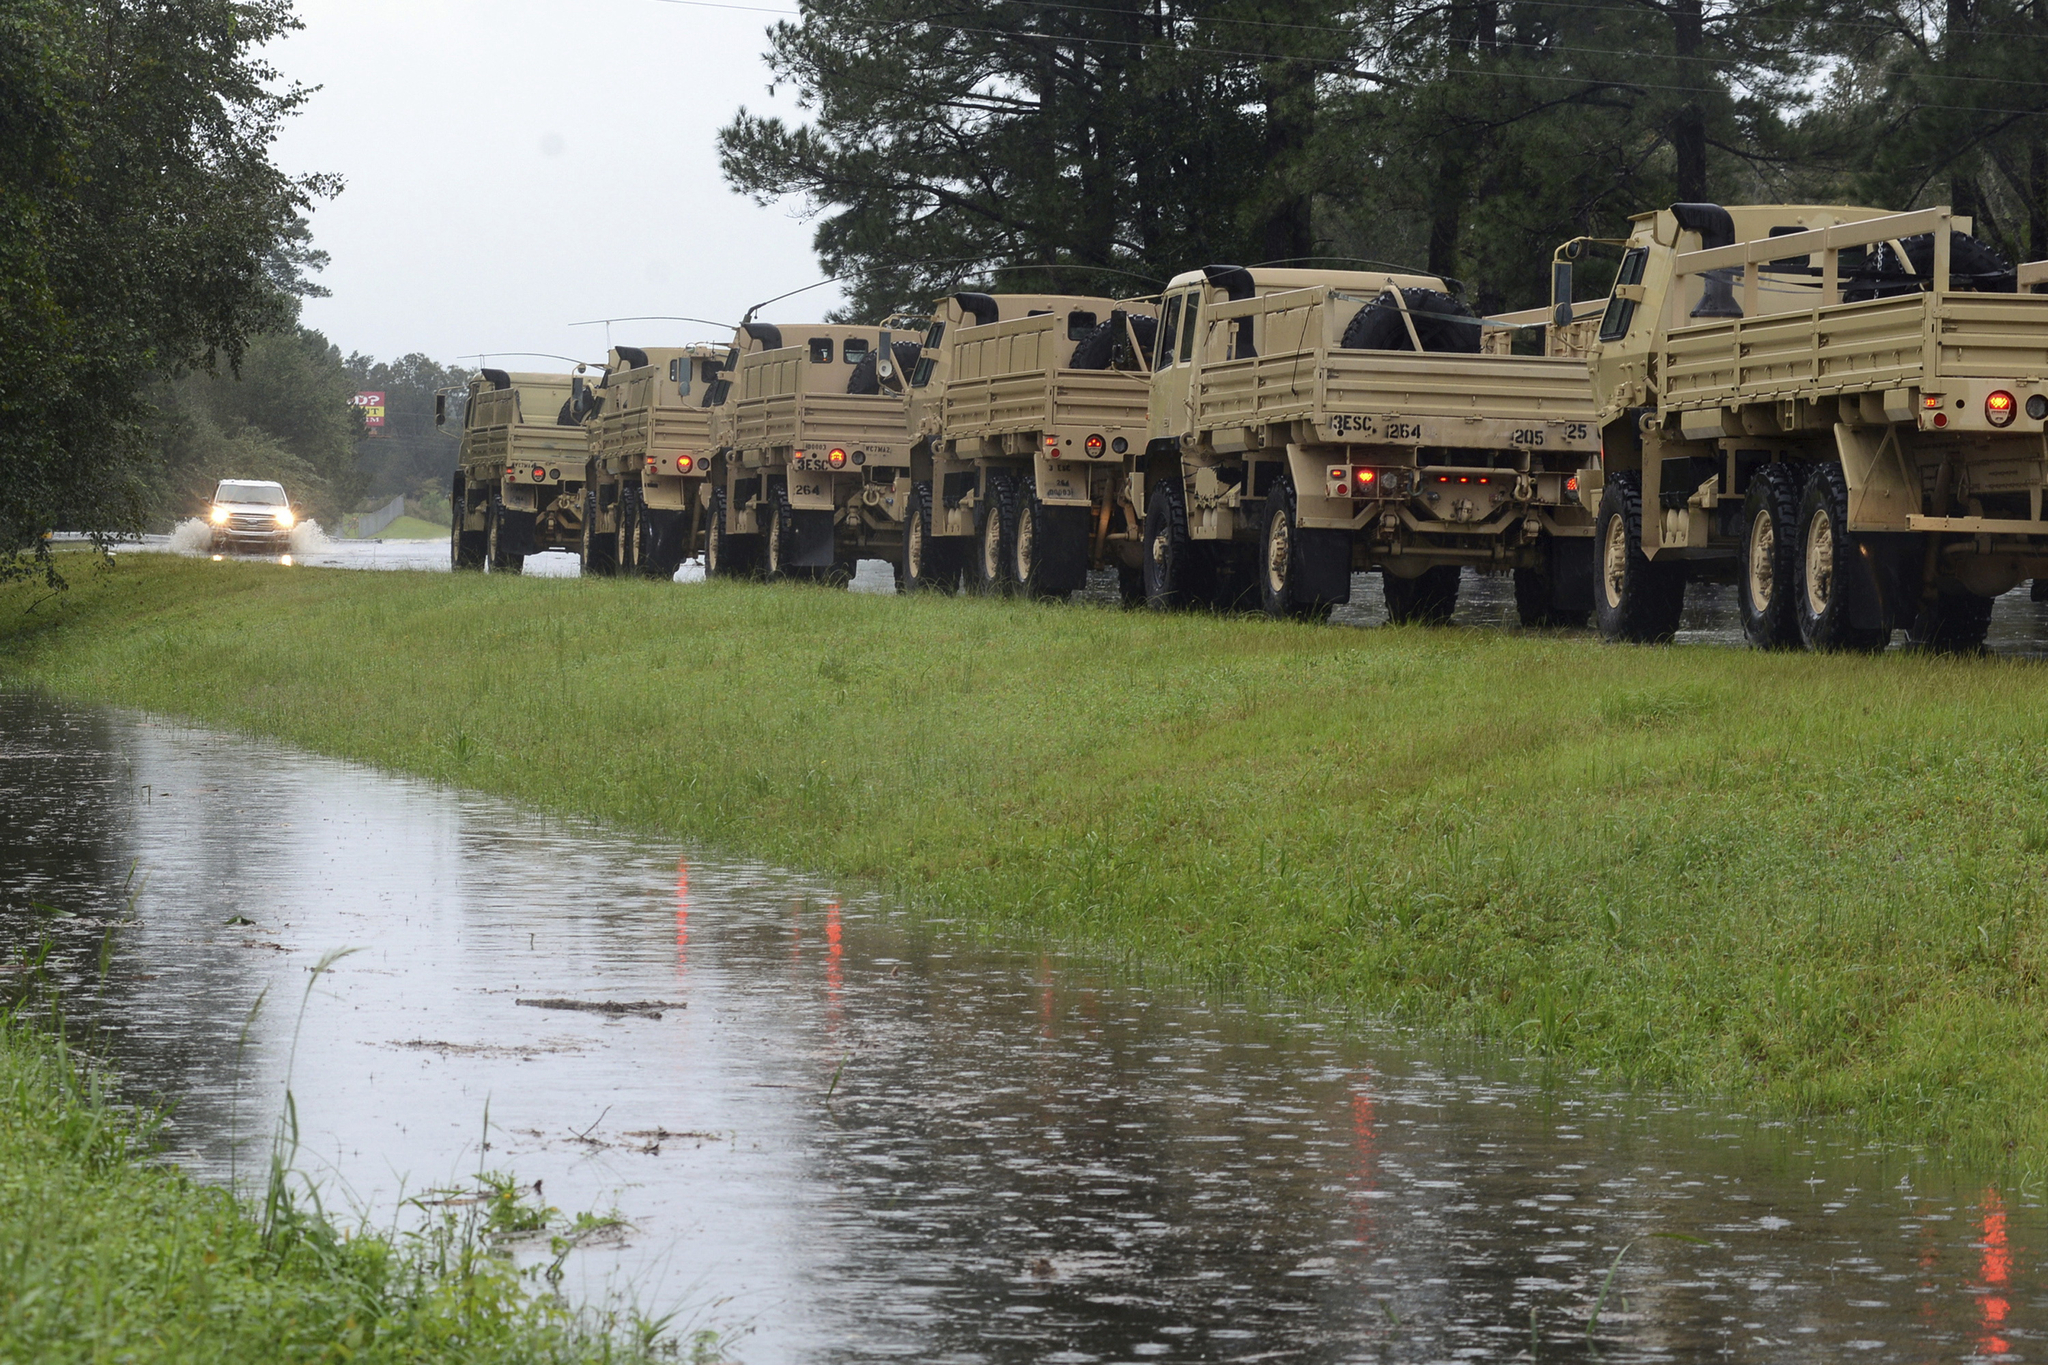 군용 차량들이 15일 노스캐롤라이나 르노아 카운티 외곽에서 대기하고 있다. [AP=연합뉴스]